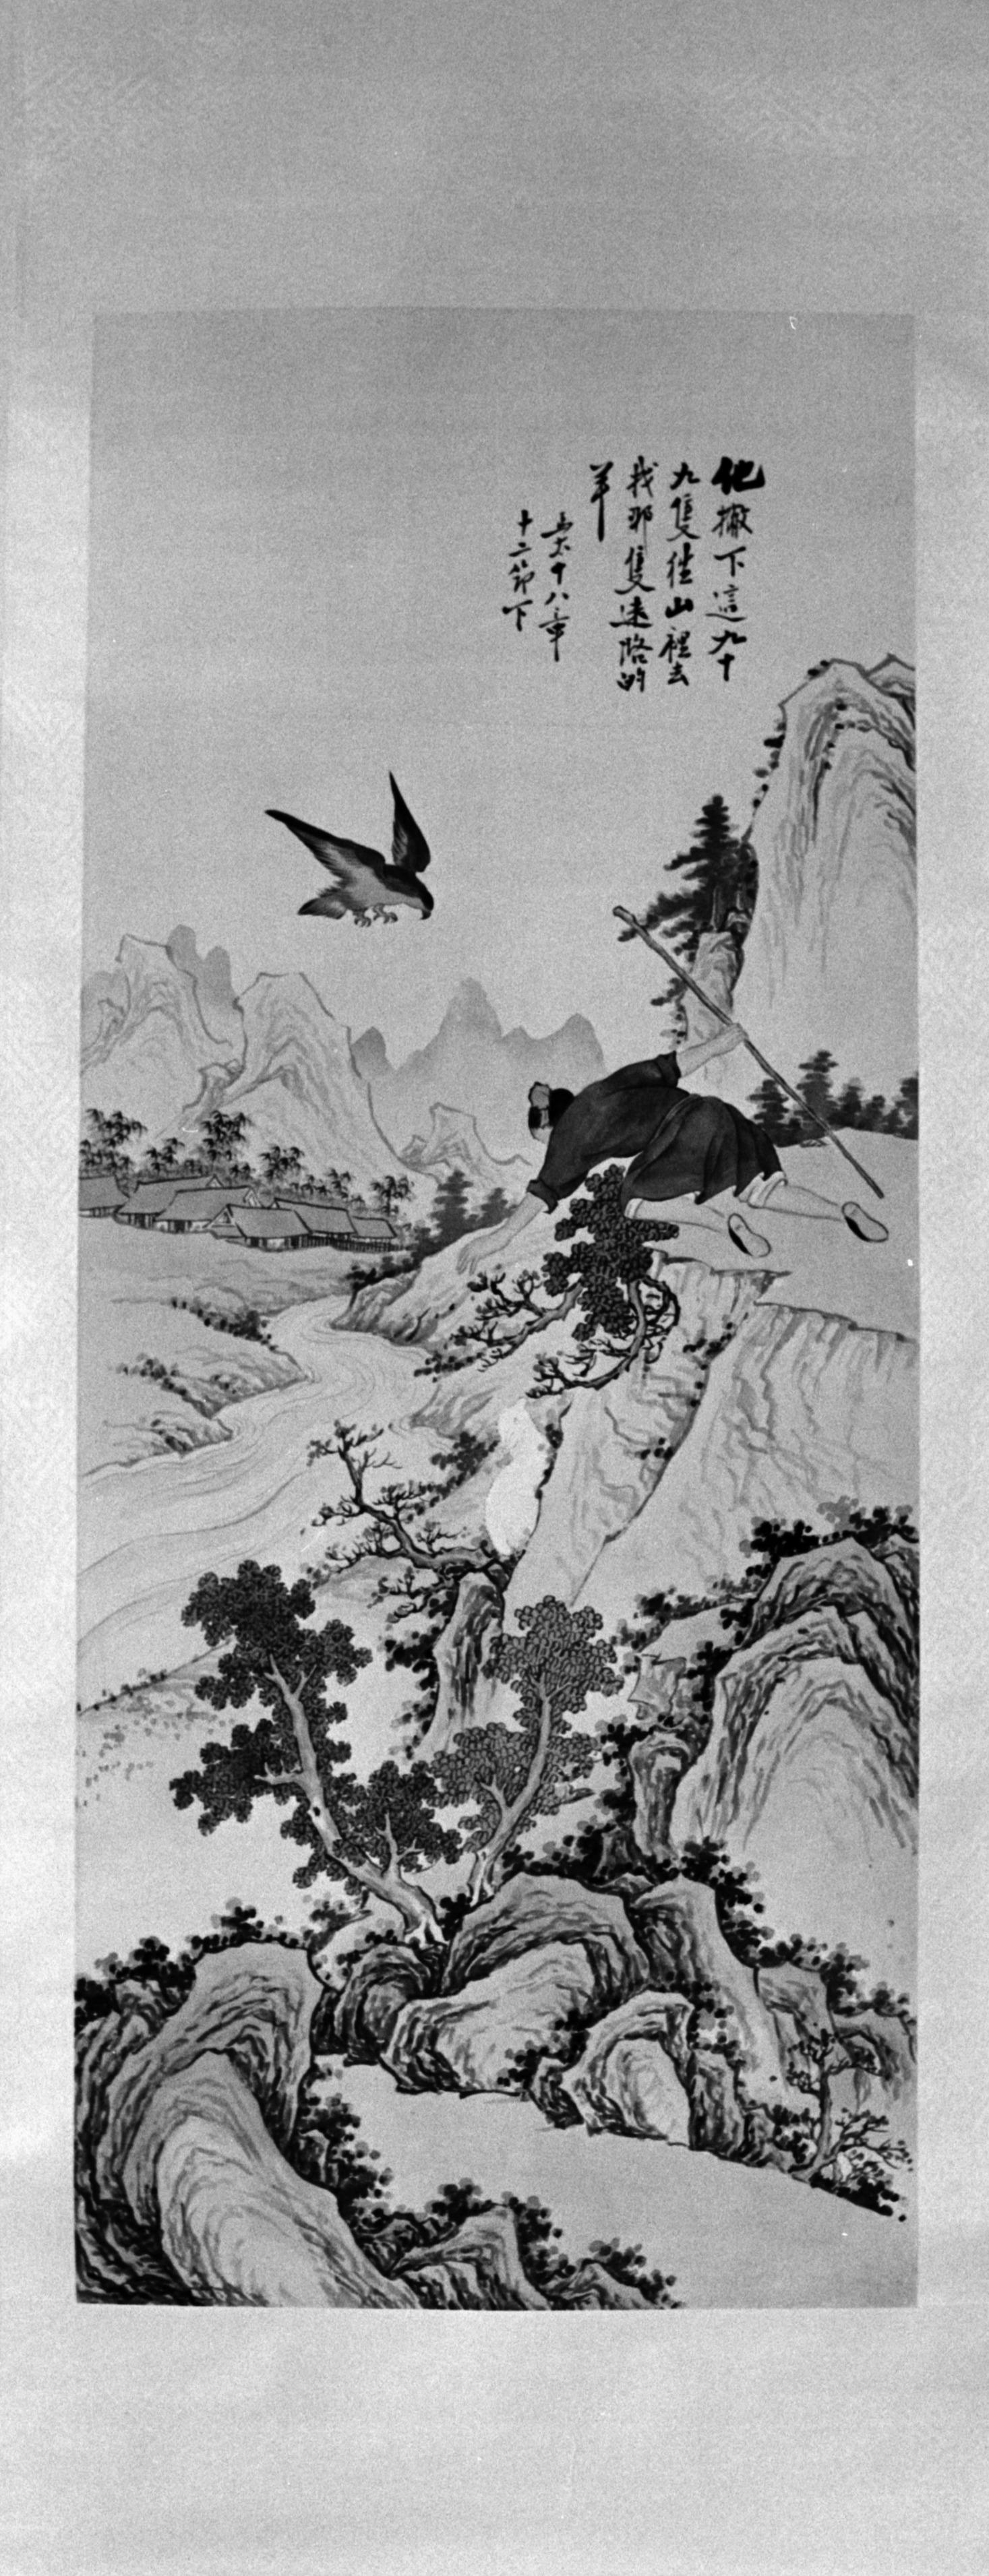 Good Shepherd (Chinese)